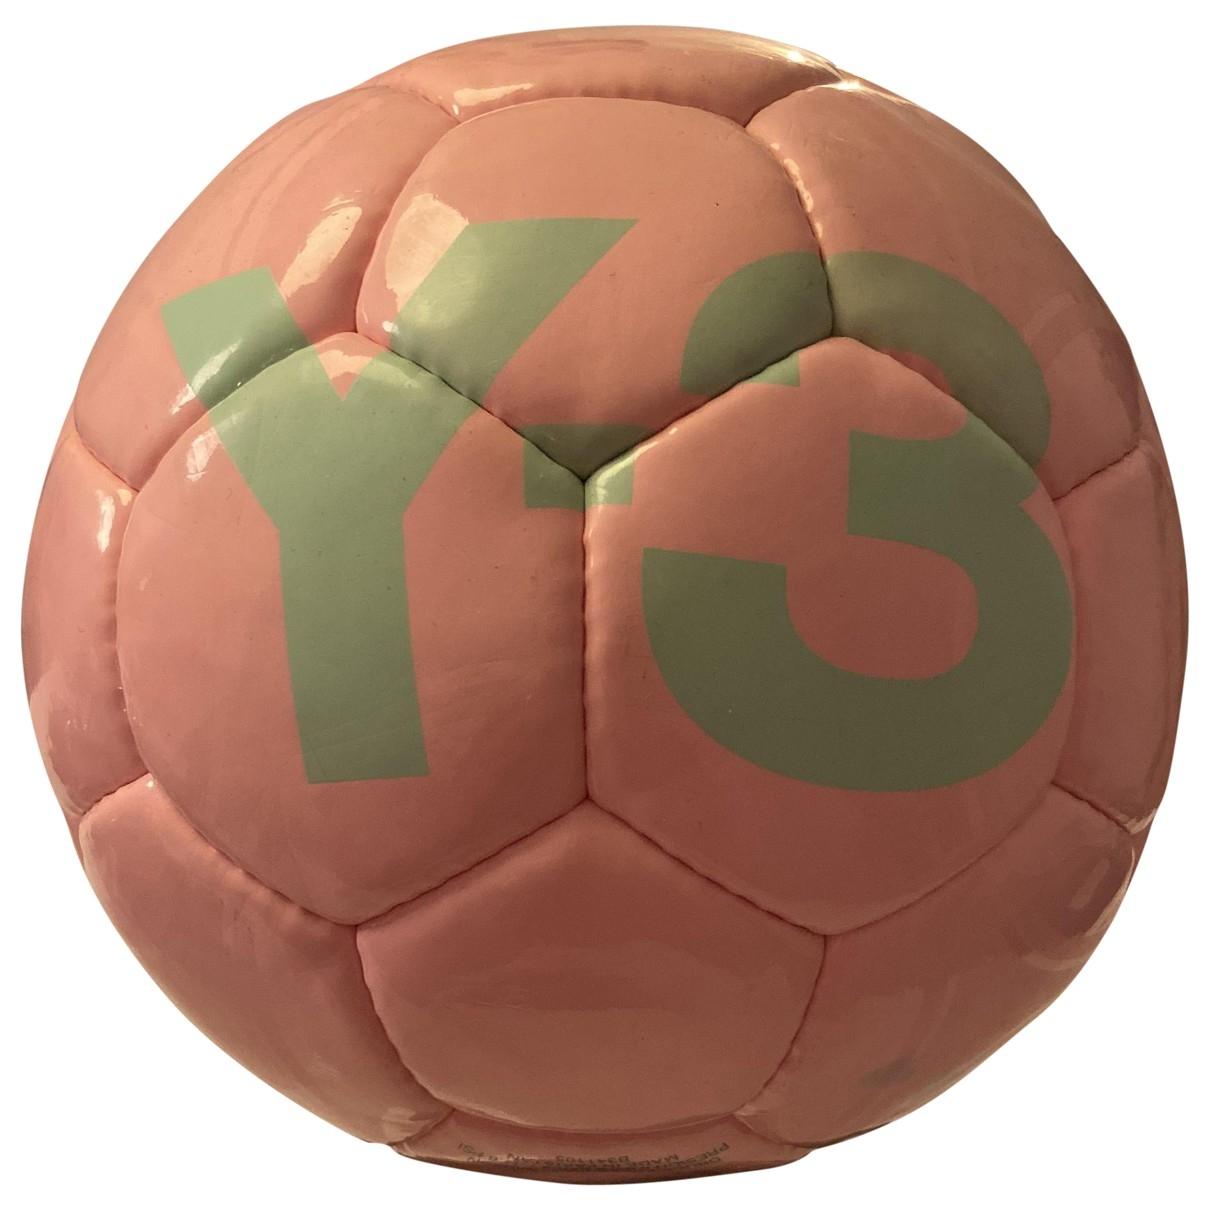 Y-3 - Ballons   pour lifestyle en cuir - rose